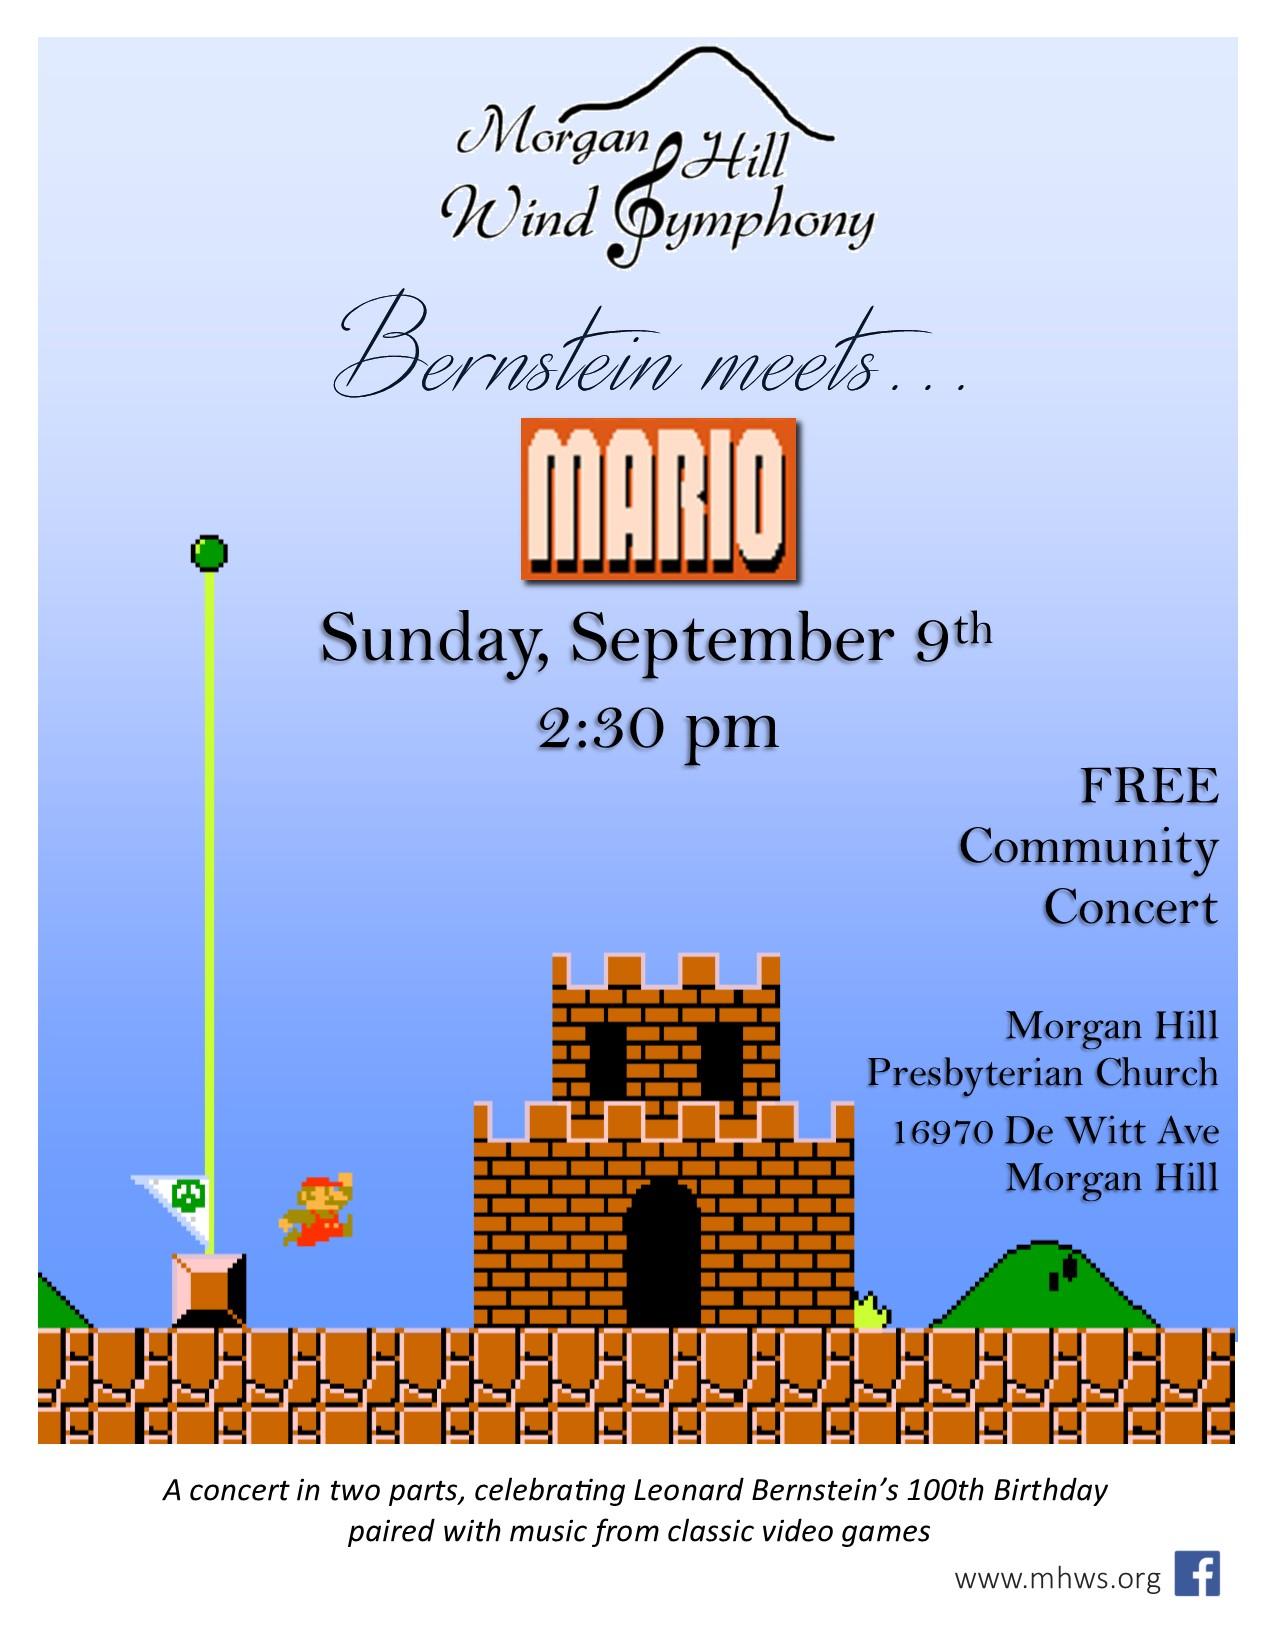 Bernstein meets Mario - Sunday, September 9th, 2018 at 2:30 PMMorgan Hill Presbyterian Church16970 De Witt Ave, Morgan Hill